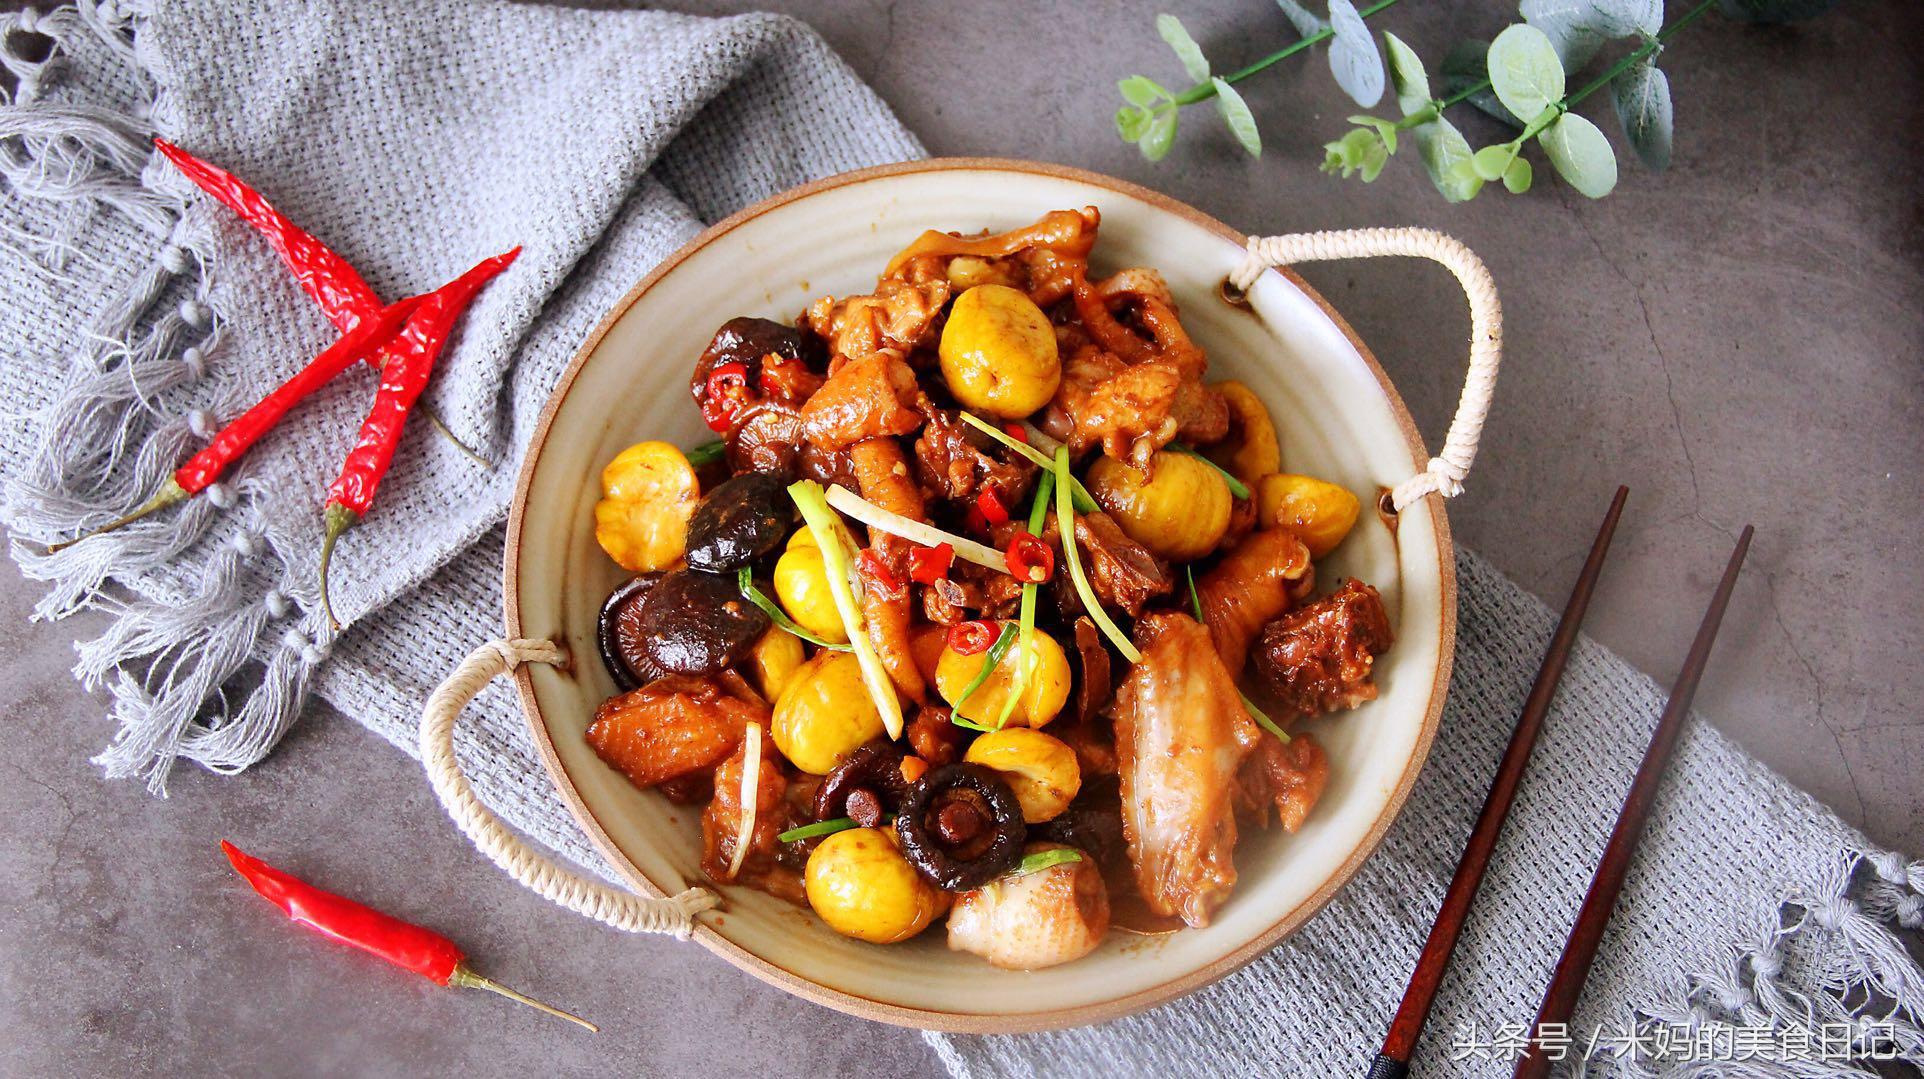 板栗香菇烧鸡做法步骤图 健脾养胃促进骨骼生长